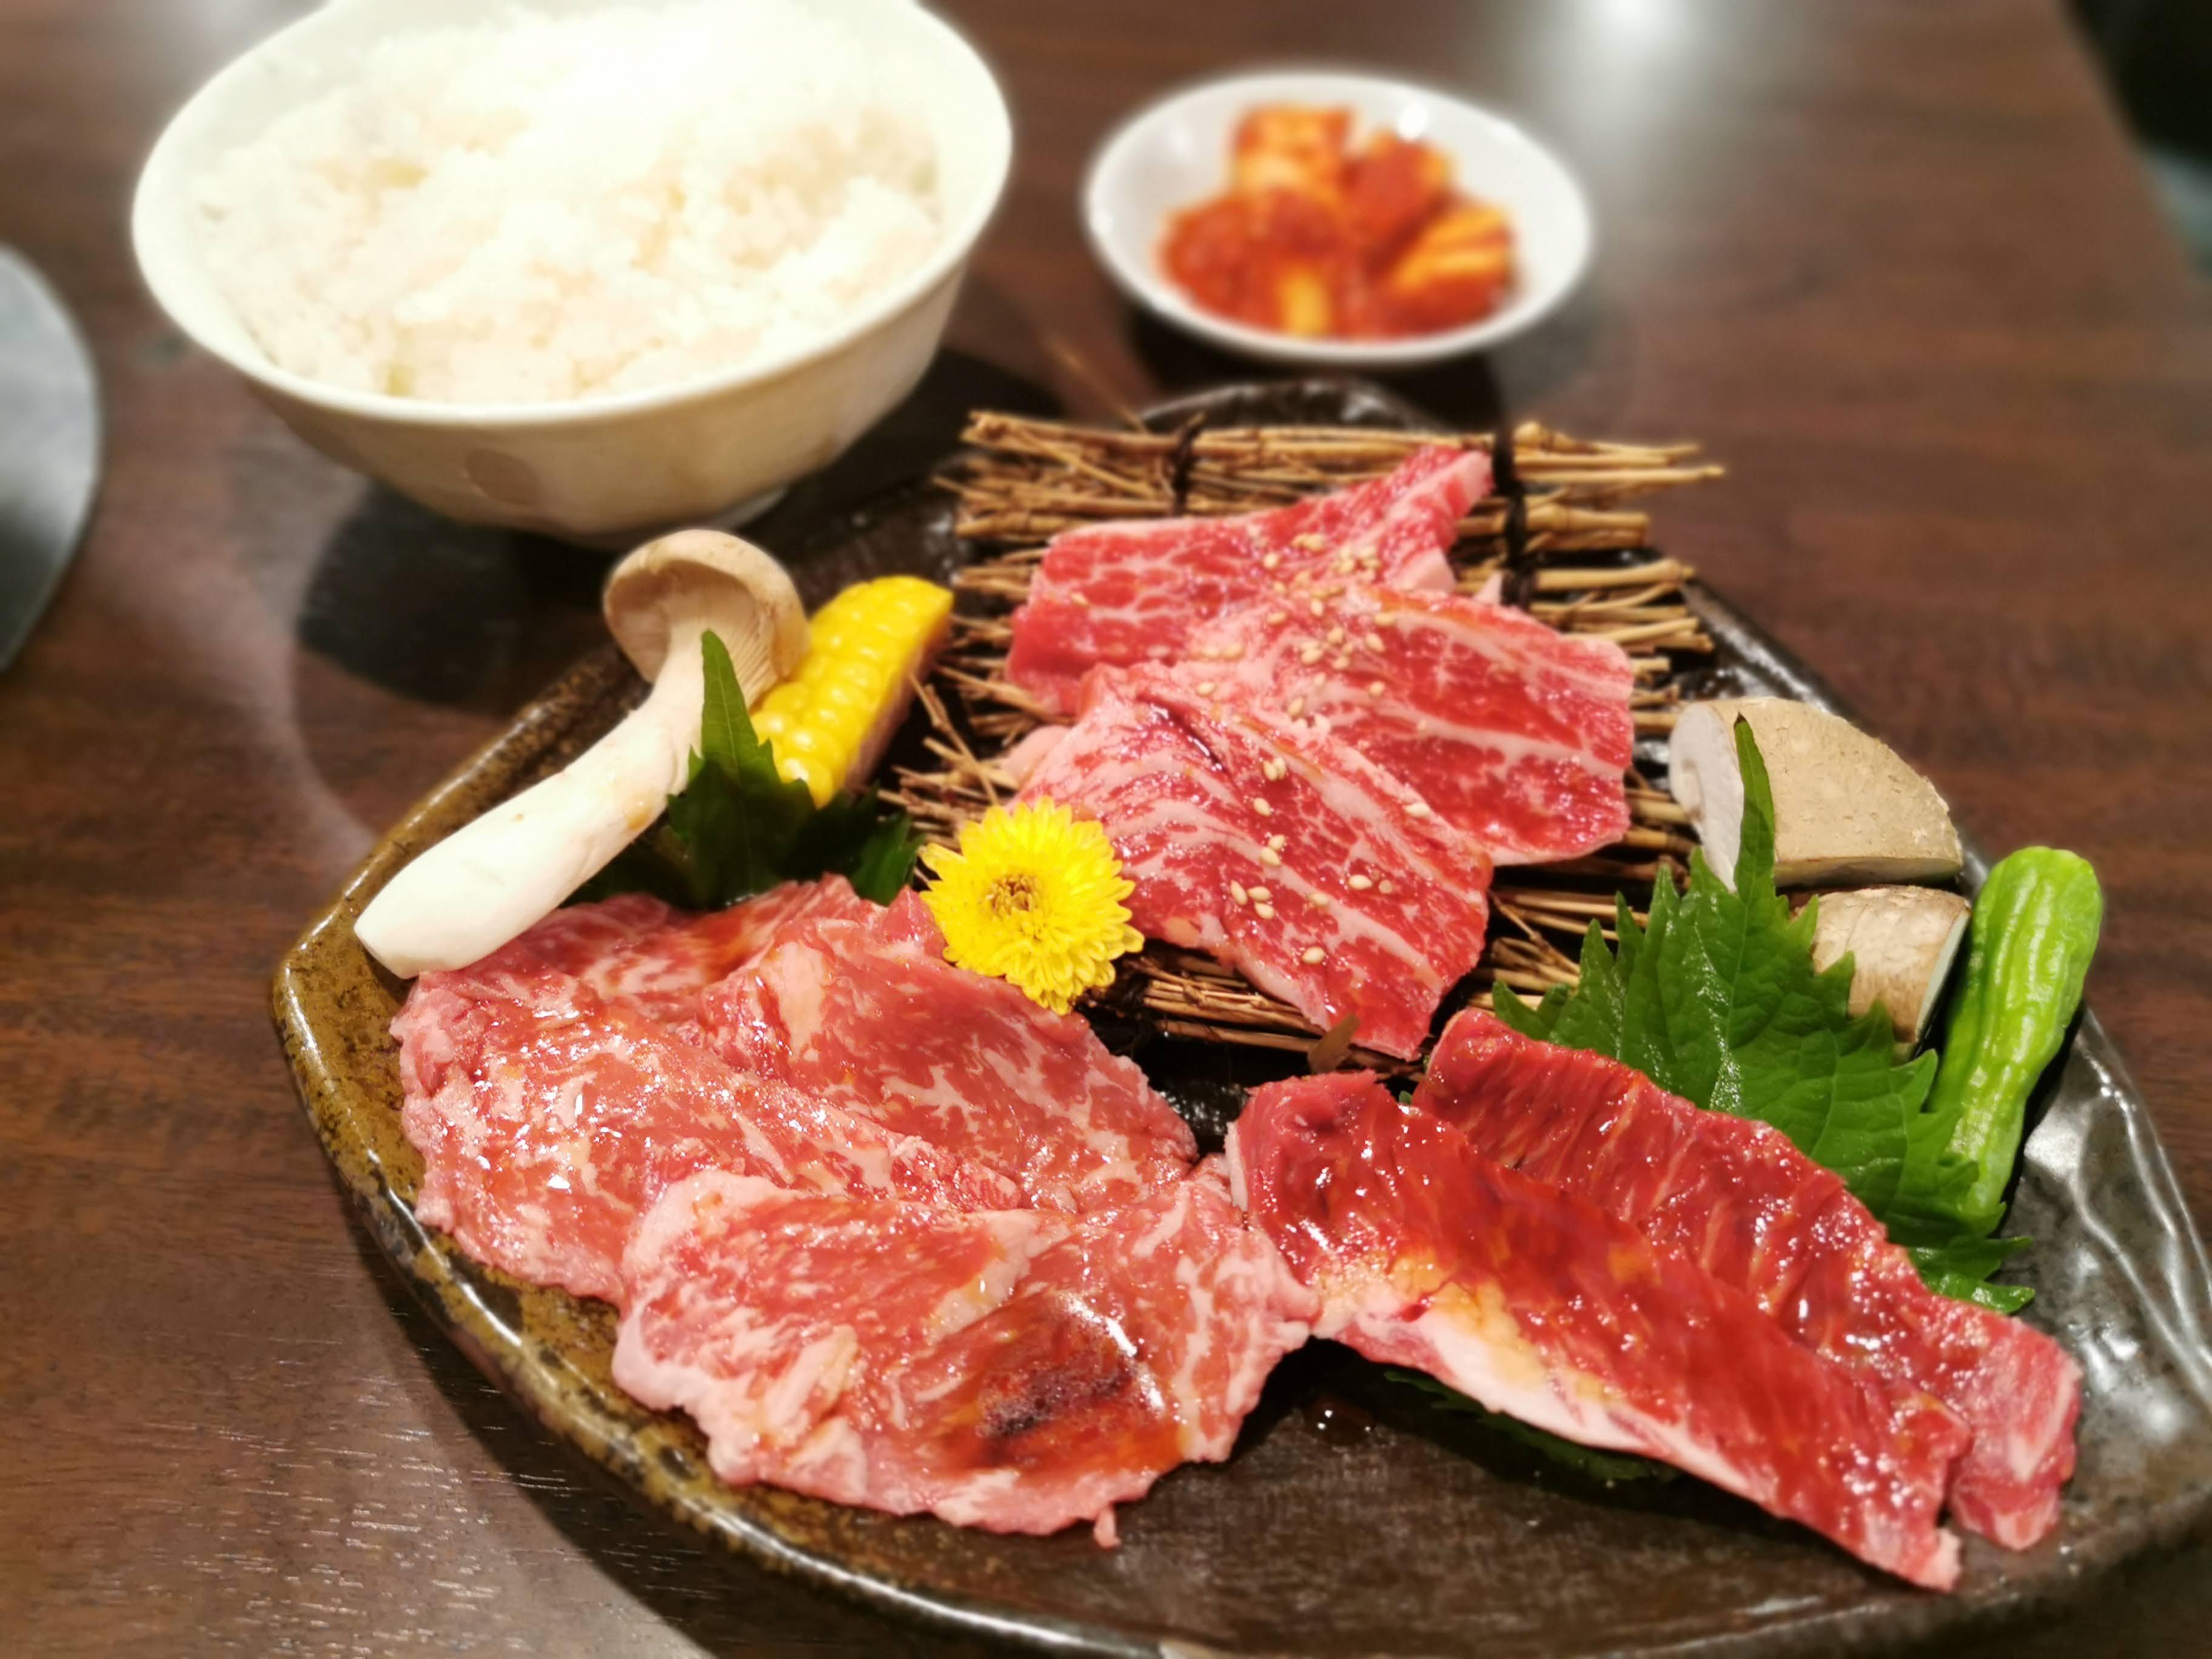 【大阪 堺筋本町】万両@お手頃でクオリティも高い、大阪の人気焼肉グループ店。